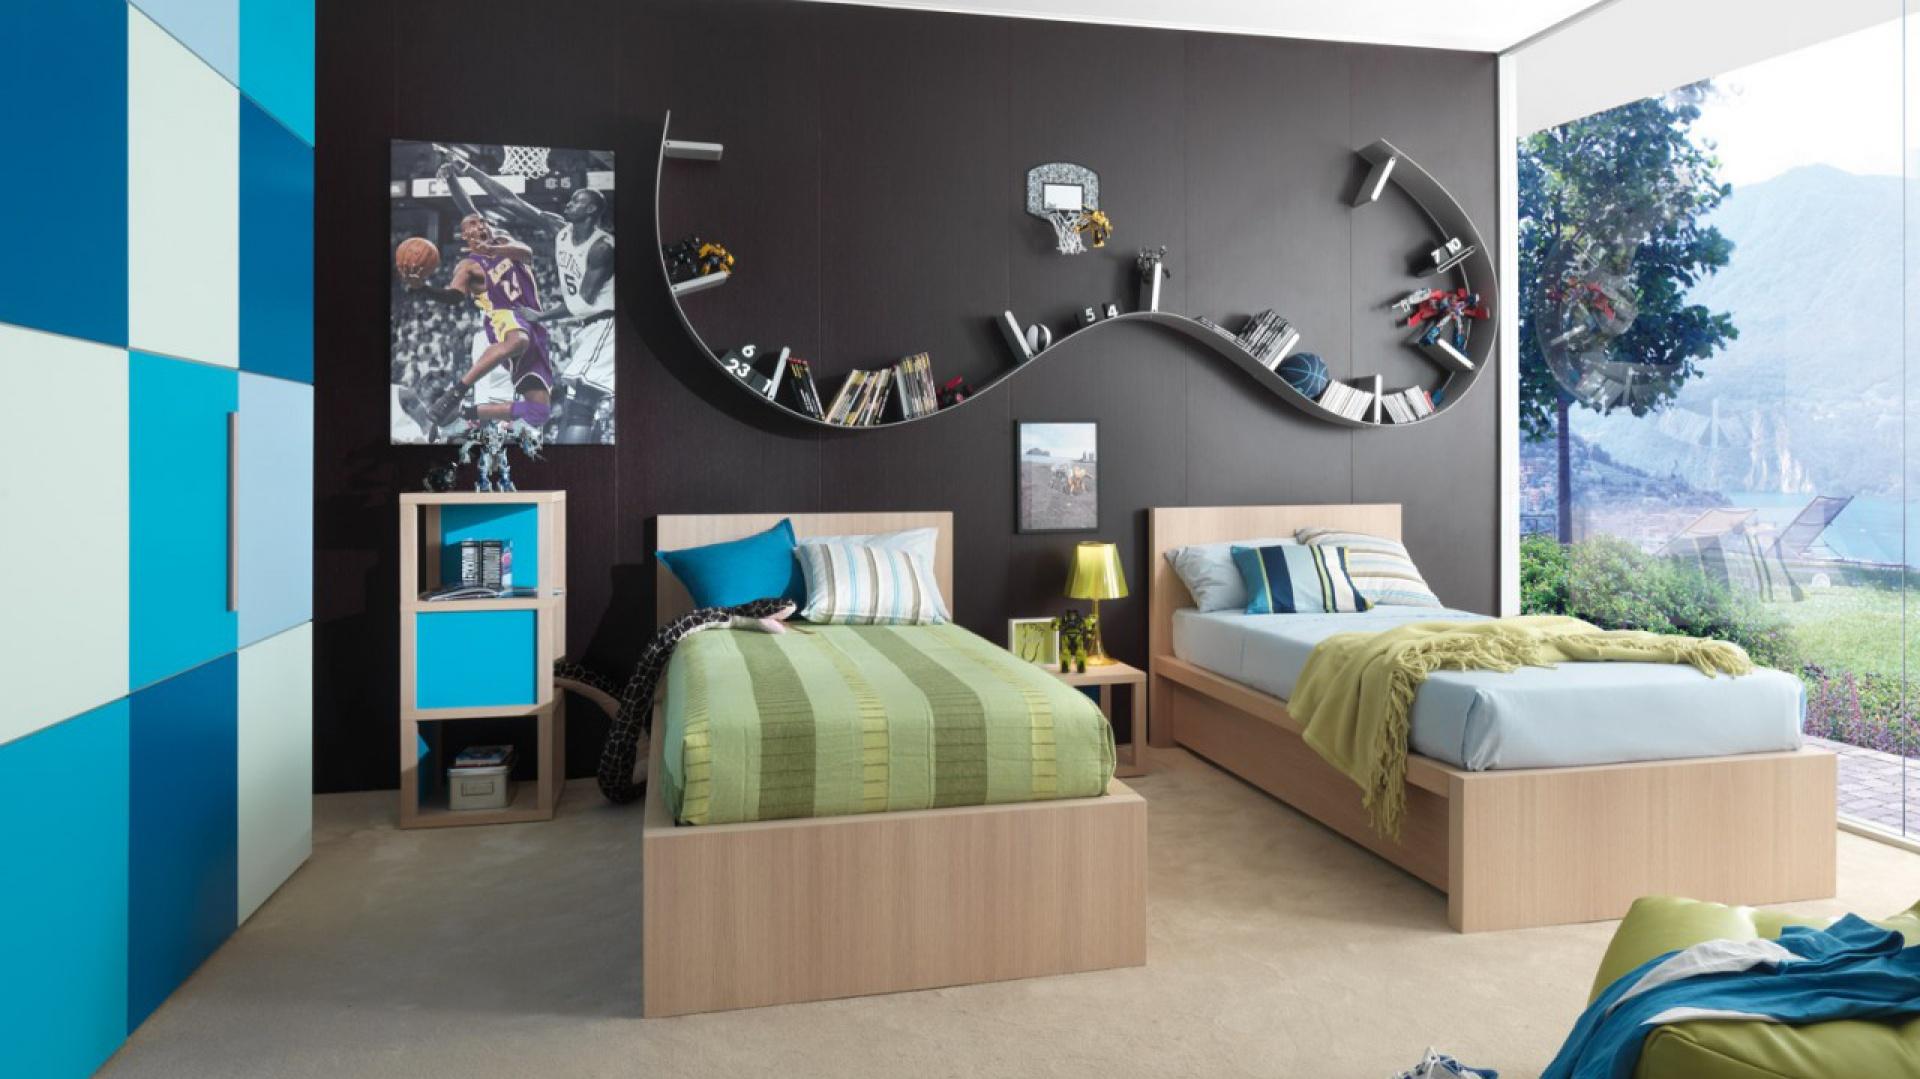 Odpowiednie meble, kolory...  Mały pokój 2 dzieci. Galeria inspirujących zdjęć  Strona: 6